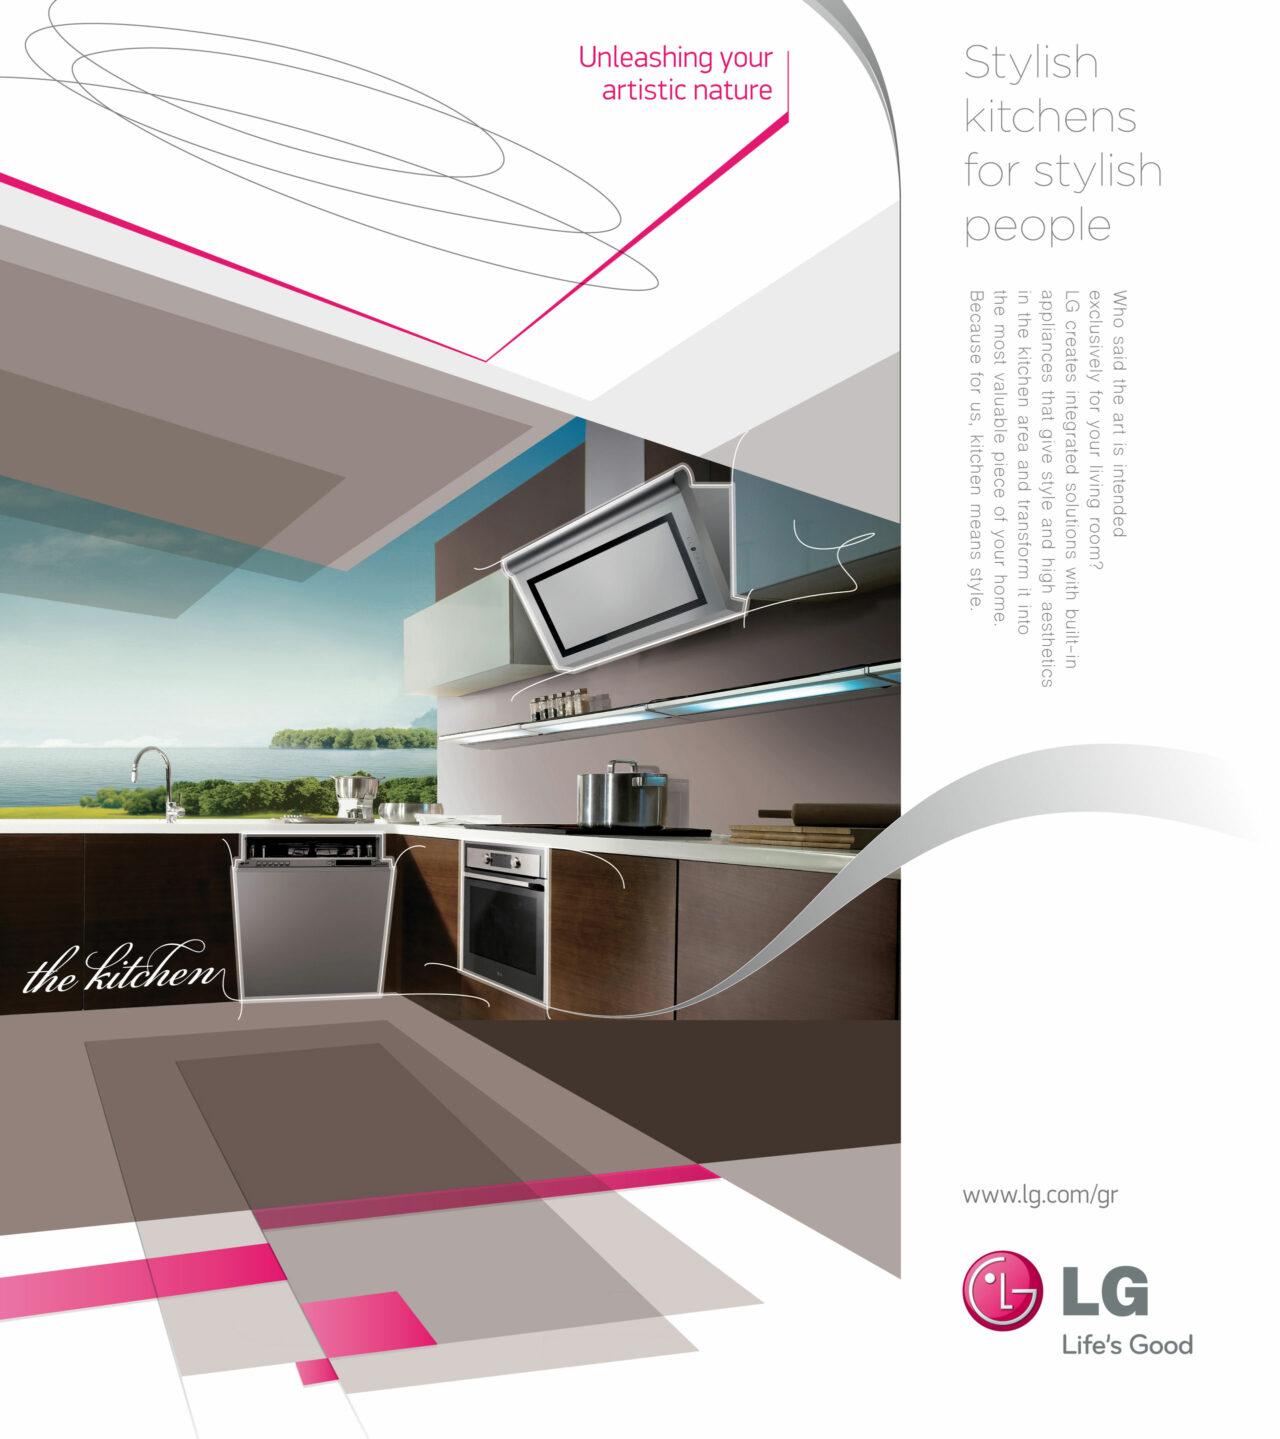 LG kitchen print ad design